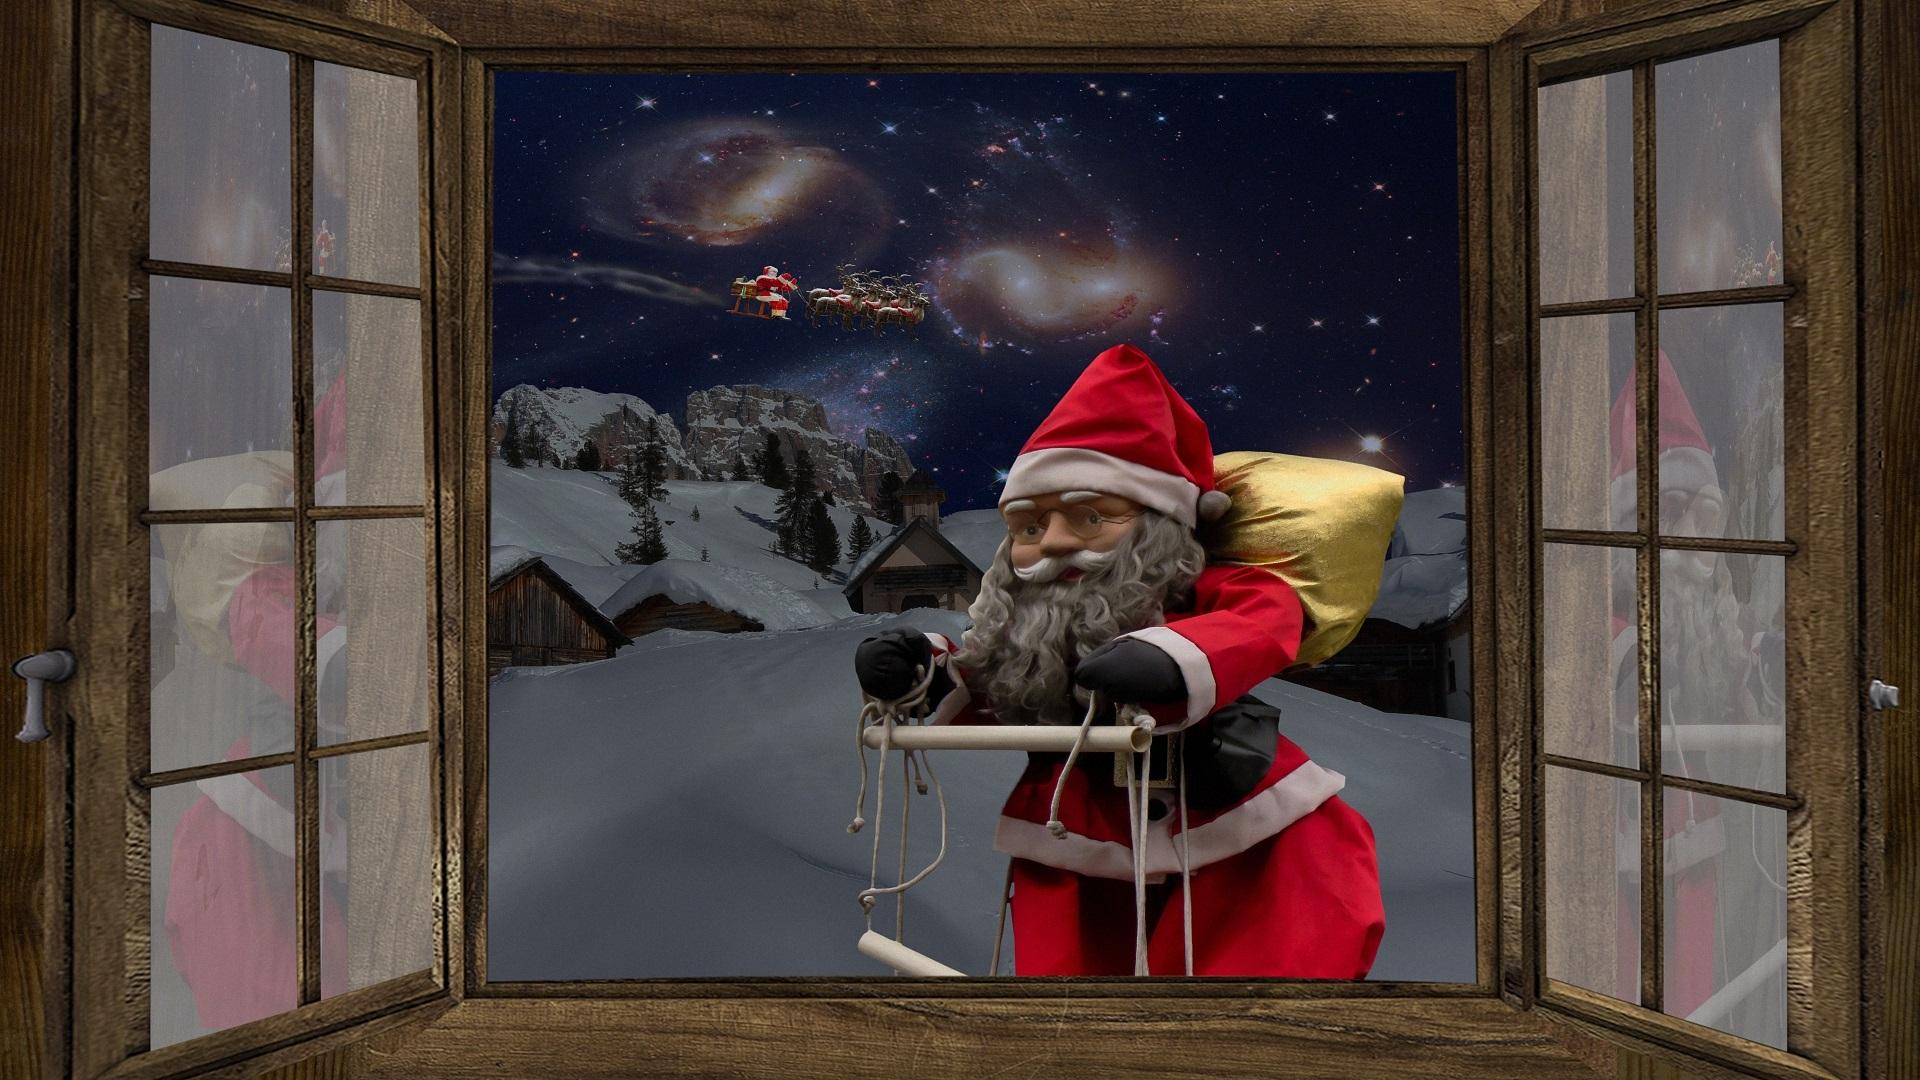 Weihnachtsbilder Kostenlos Herunterladen 1920X1080 innen Kostenlos Weihnachtsbilder Runterladen